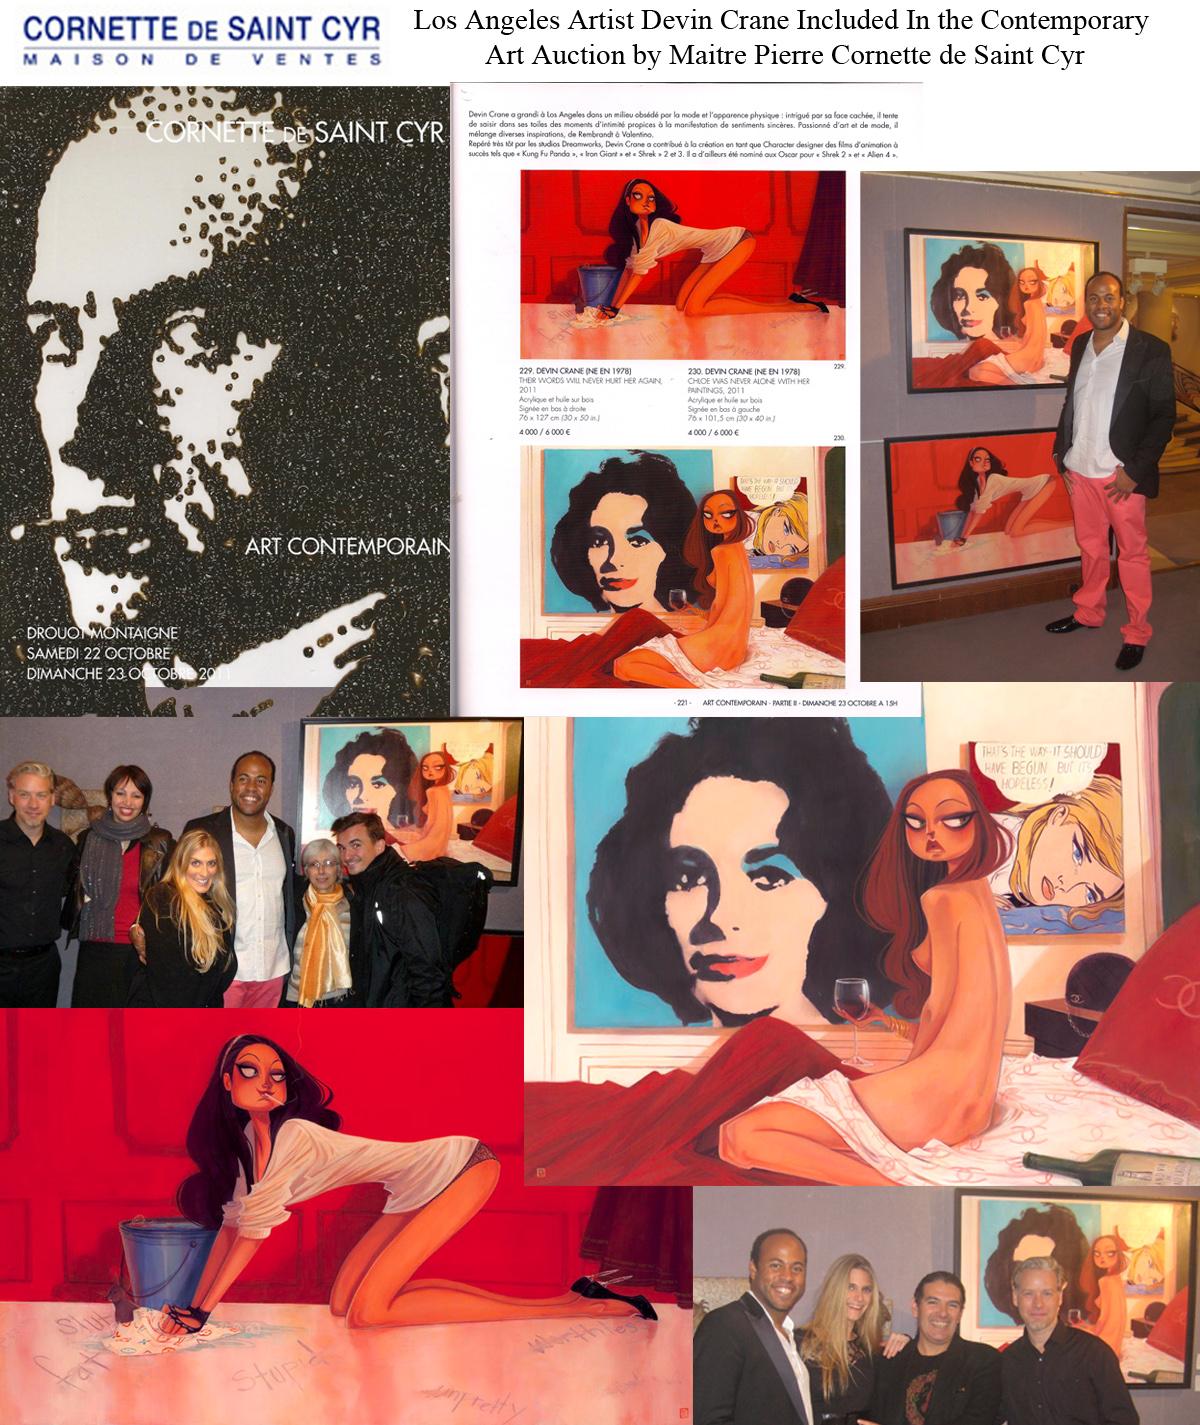 Art AuctionParis, France -